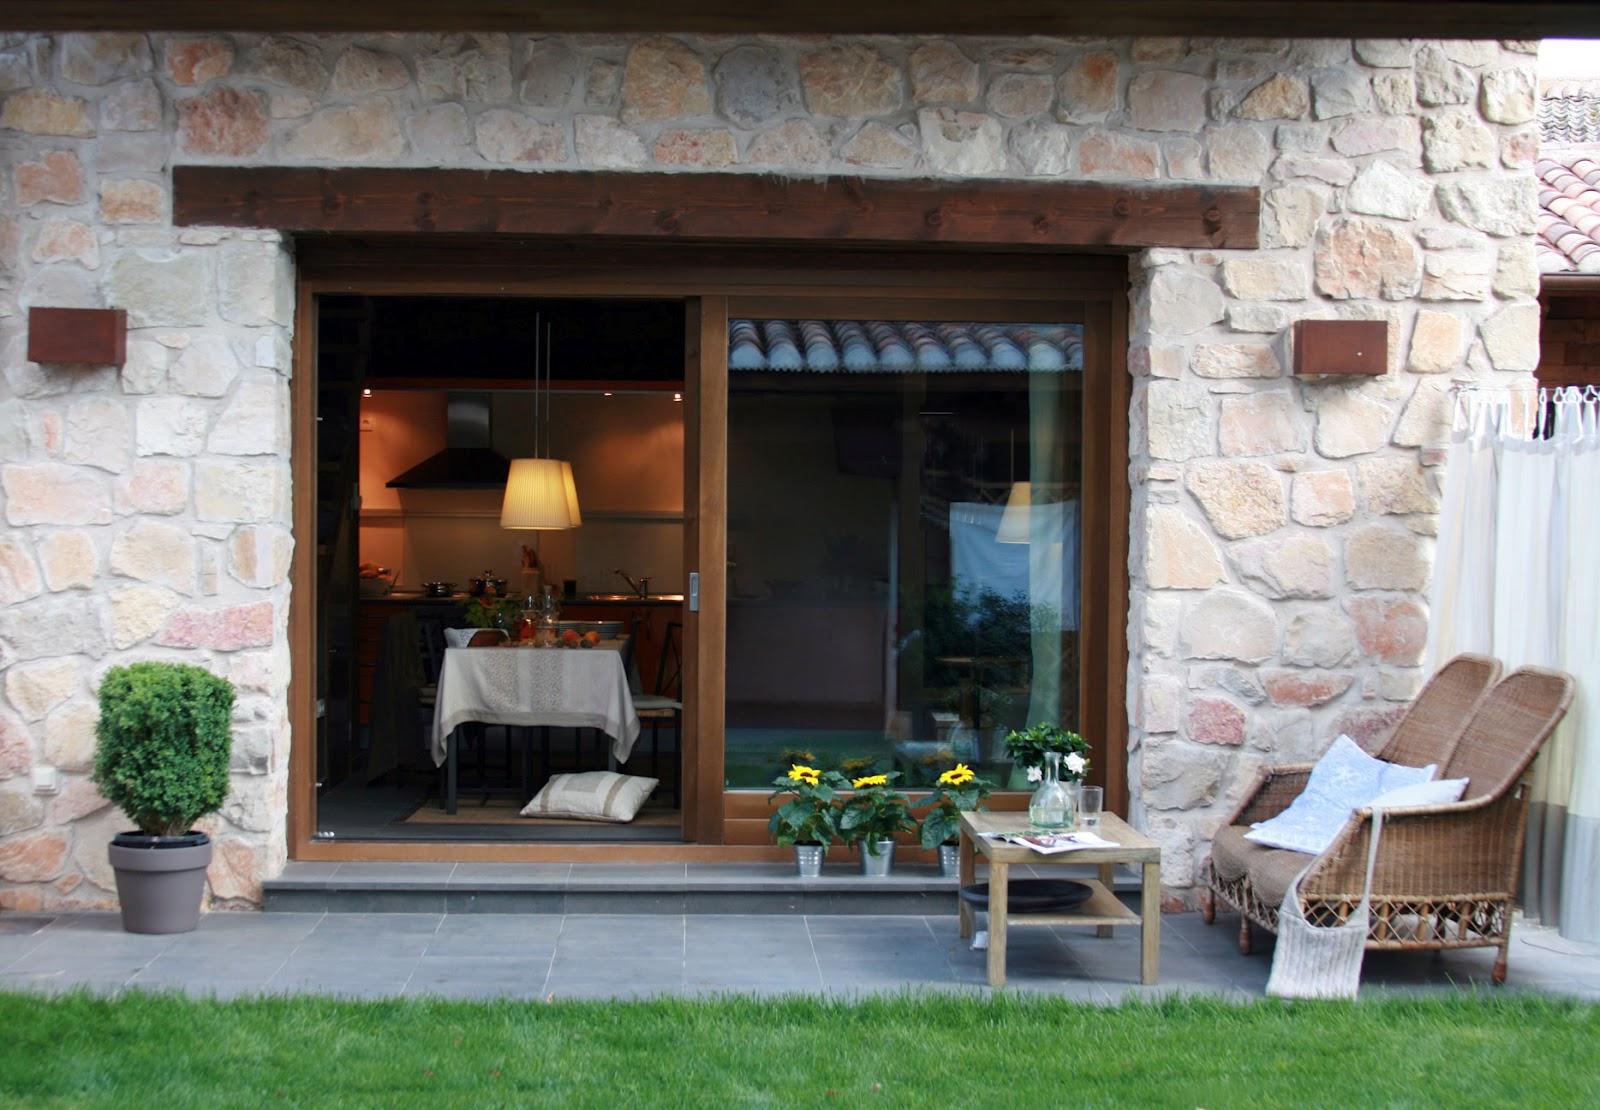 Casa rural con encanto en pedraza segovia for Casas modernas rusticas